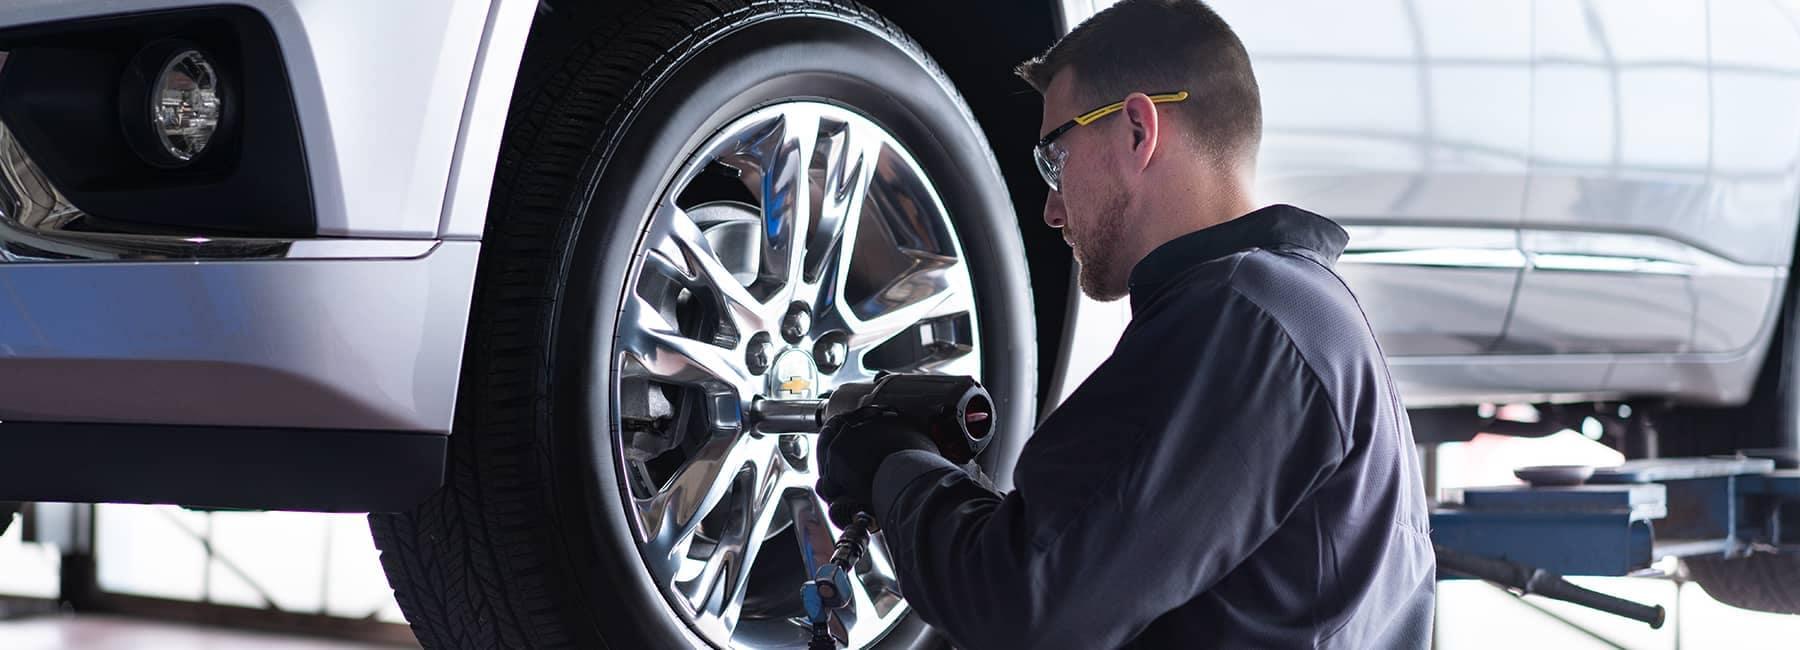 Chevrolet Tire Service